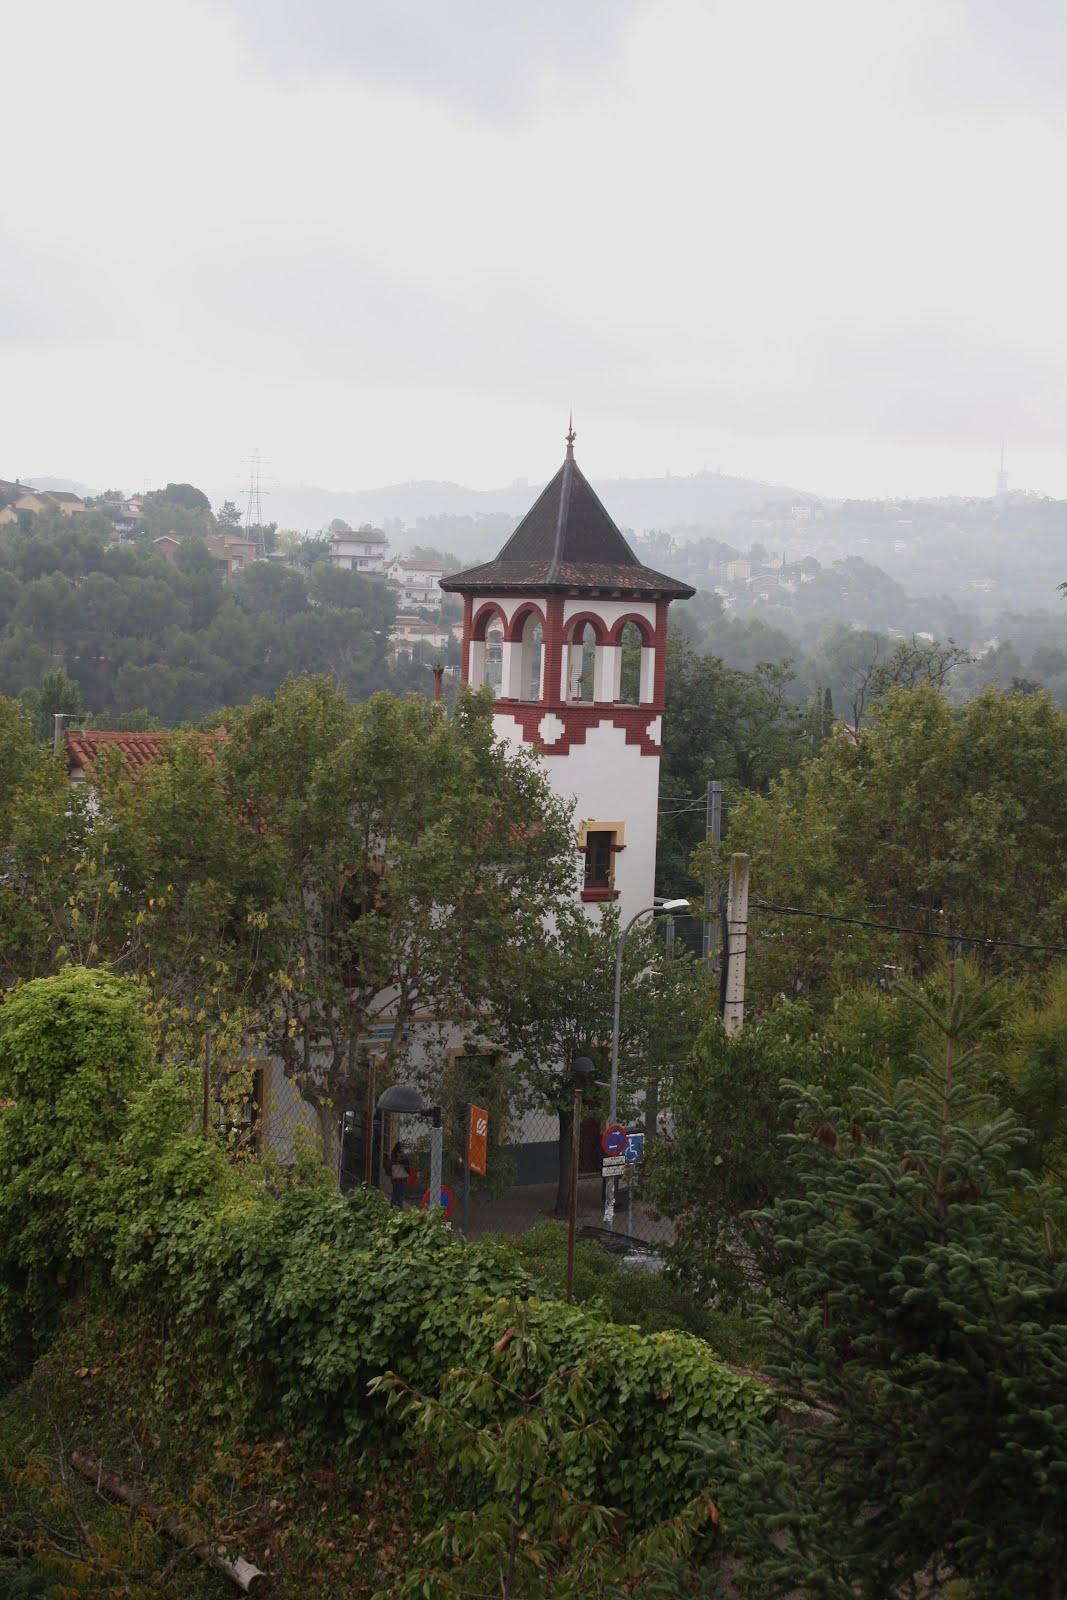 Relat estacio dels fcc ara fgc de valldoreix - Residencia jardins de valldoreix ...